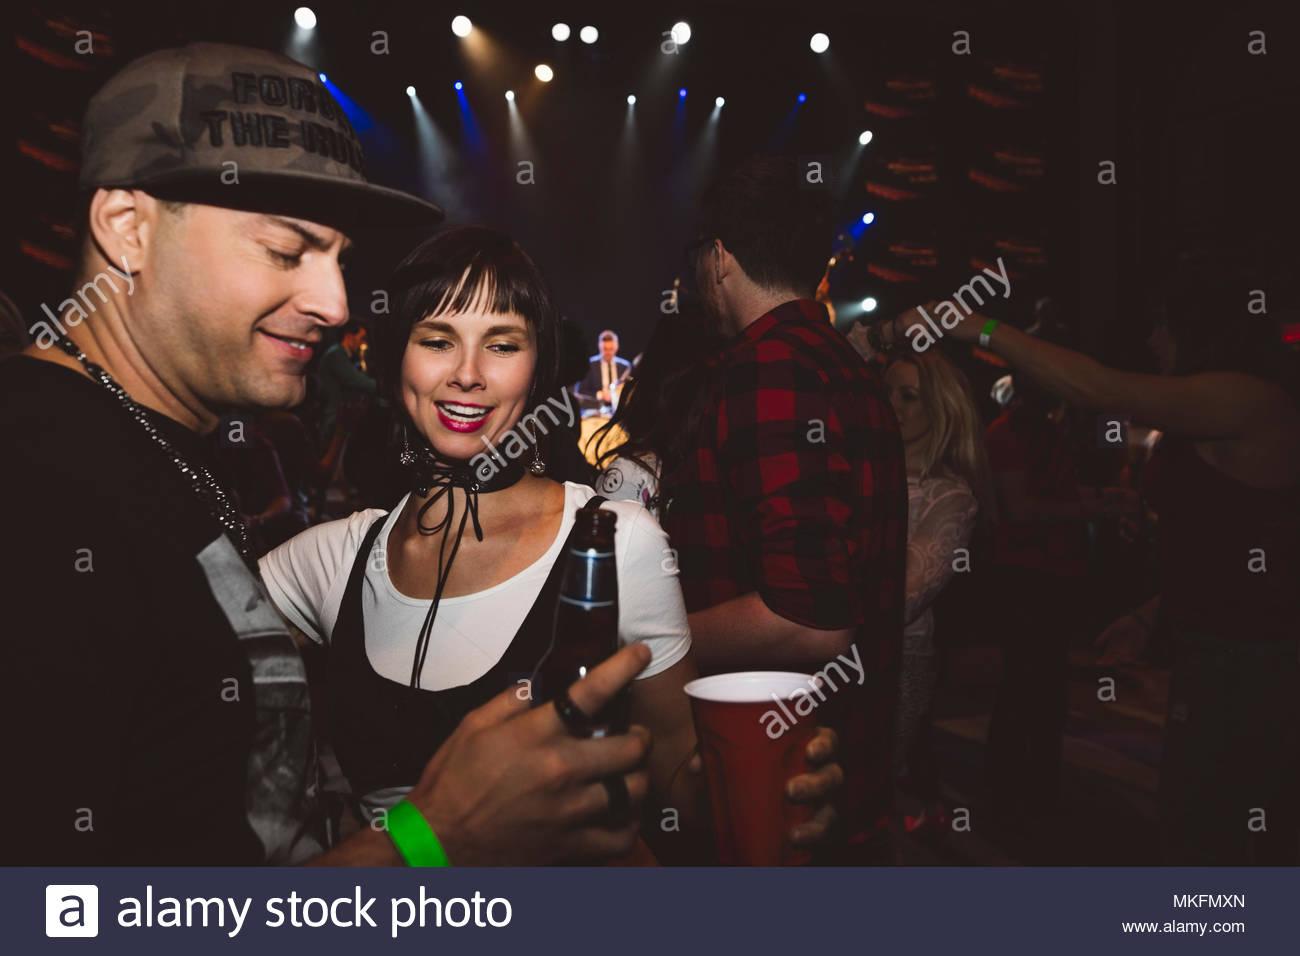 Par de beber y bailar en discoteca Imagen De Stock